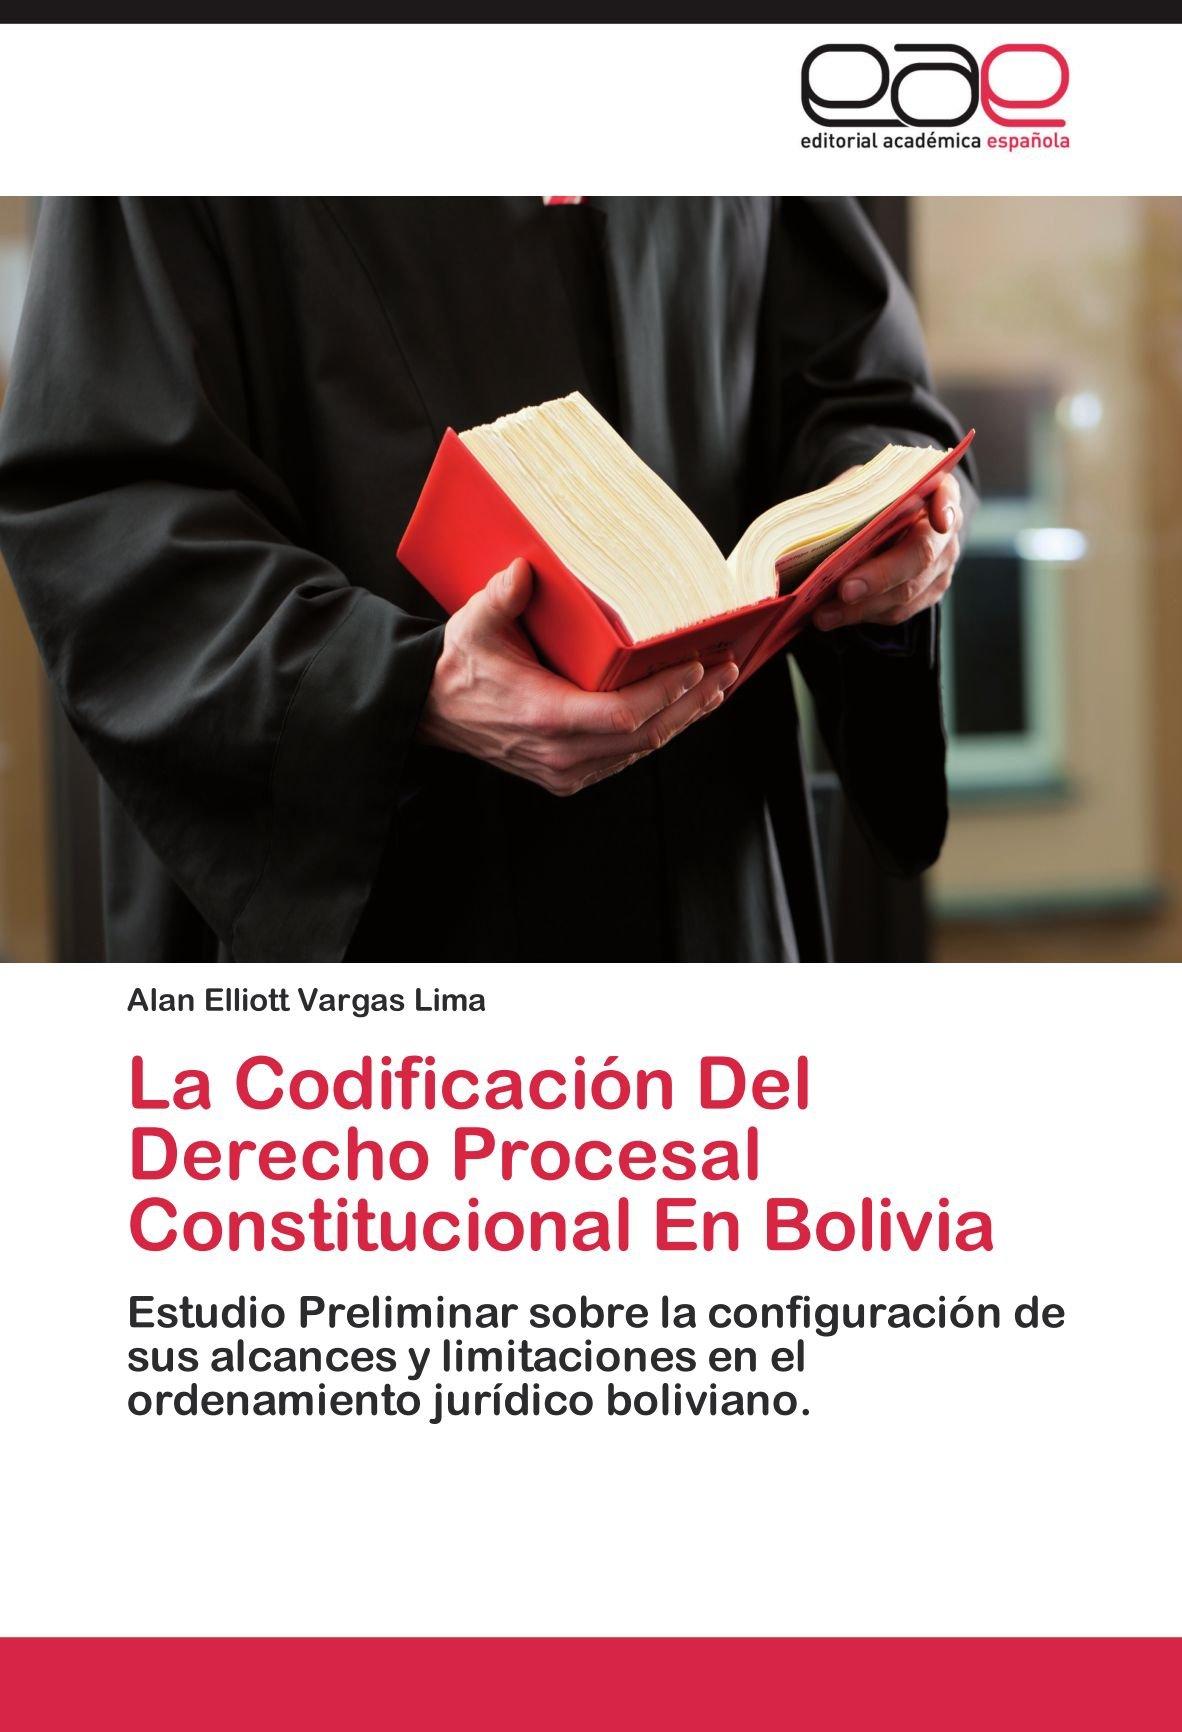 La Codificacion del Derecho Procesal Constitucional En Bolivia: Amazon.es: Vargas Lima, Alan Elliott: Libros